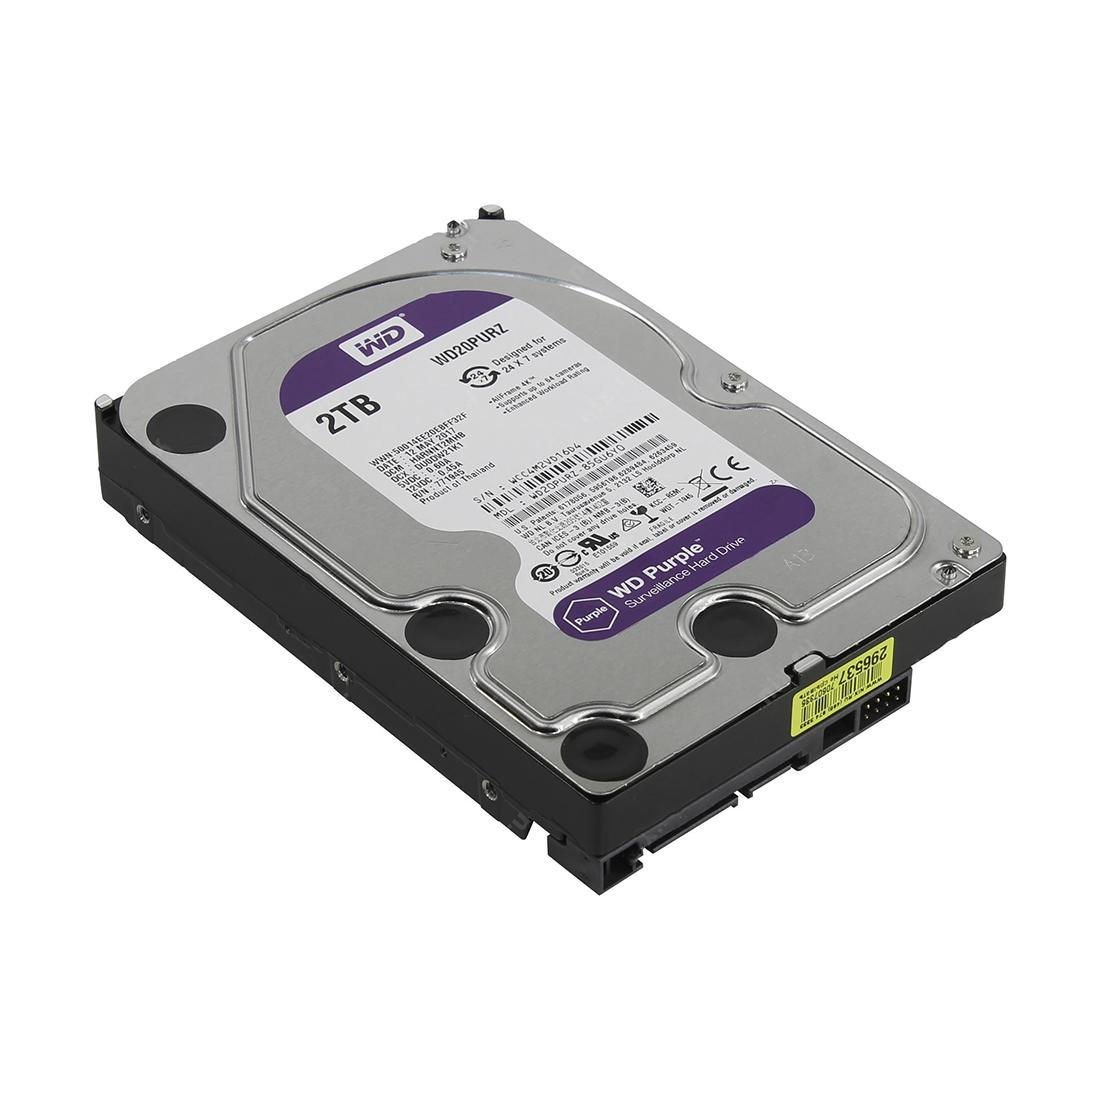 WD создала жесткий диск Purple, предназначенный для систем видеонаблюдения